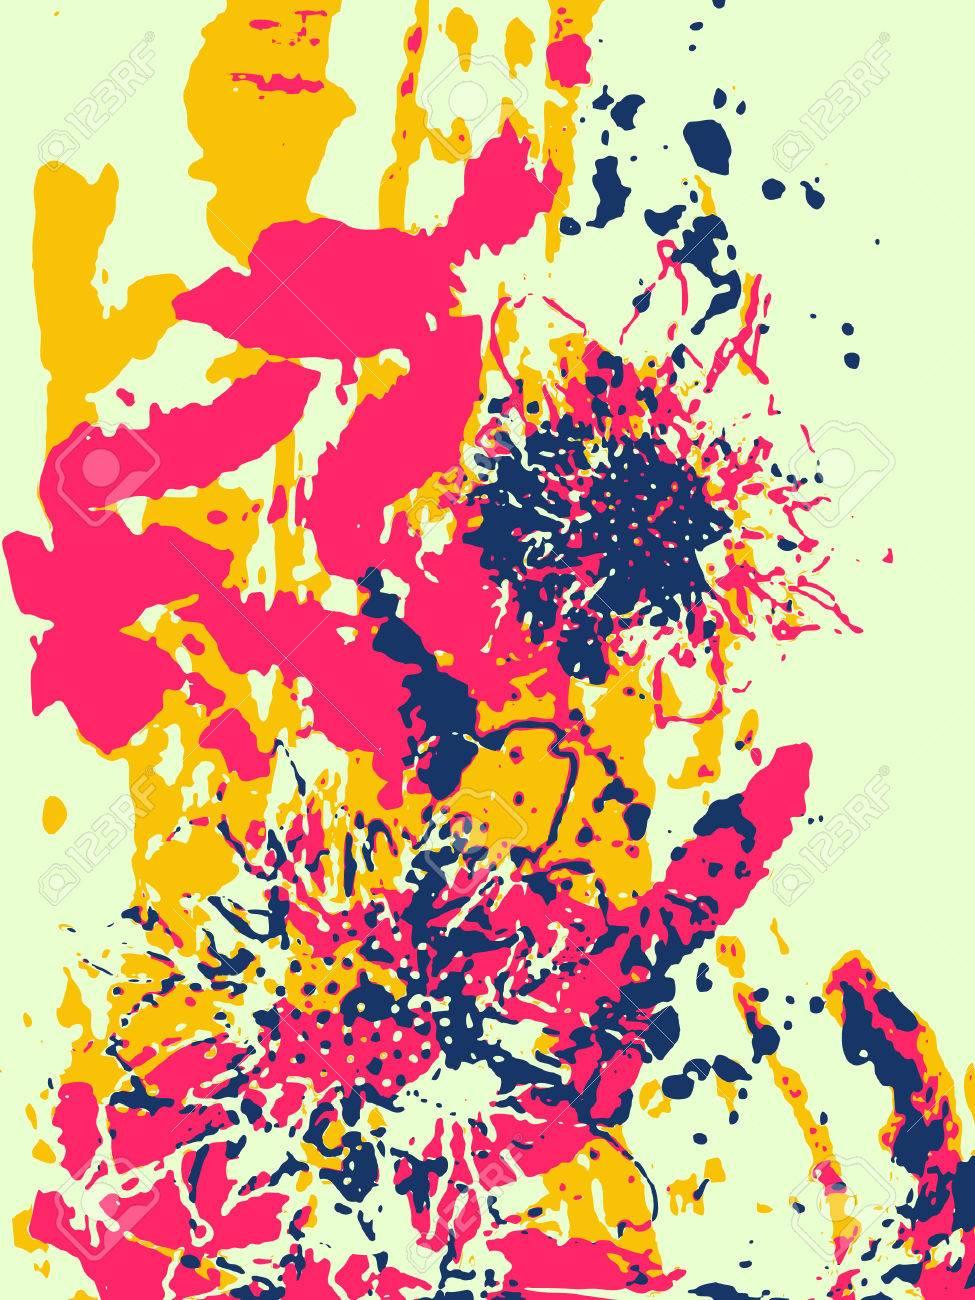 芸術的な花のイラストのイラスト素材ベクタ Image 6745142